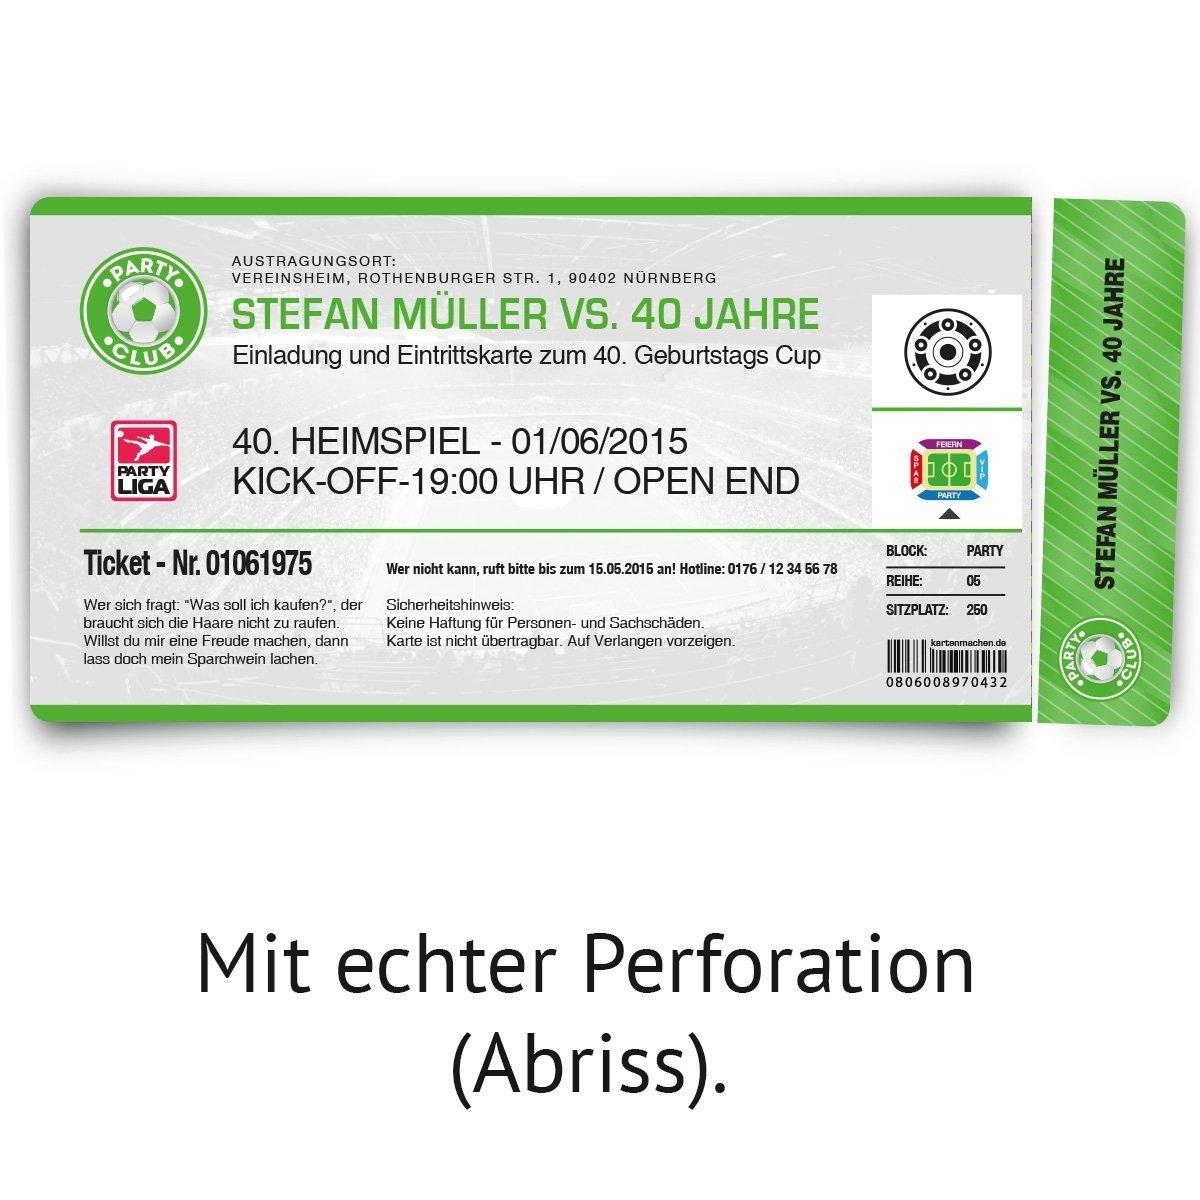 Einladungskarten zum Geburtstag (60 (60 (60 Stück) als Fußballticket Karte Fussball Einladung Ticket in Grün B00NIPQPZ8 | Attraktives Aussehen  | Jeder beschriebene Artikel ist verfügbar  | Hochwertige Materialien  36165f